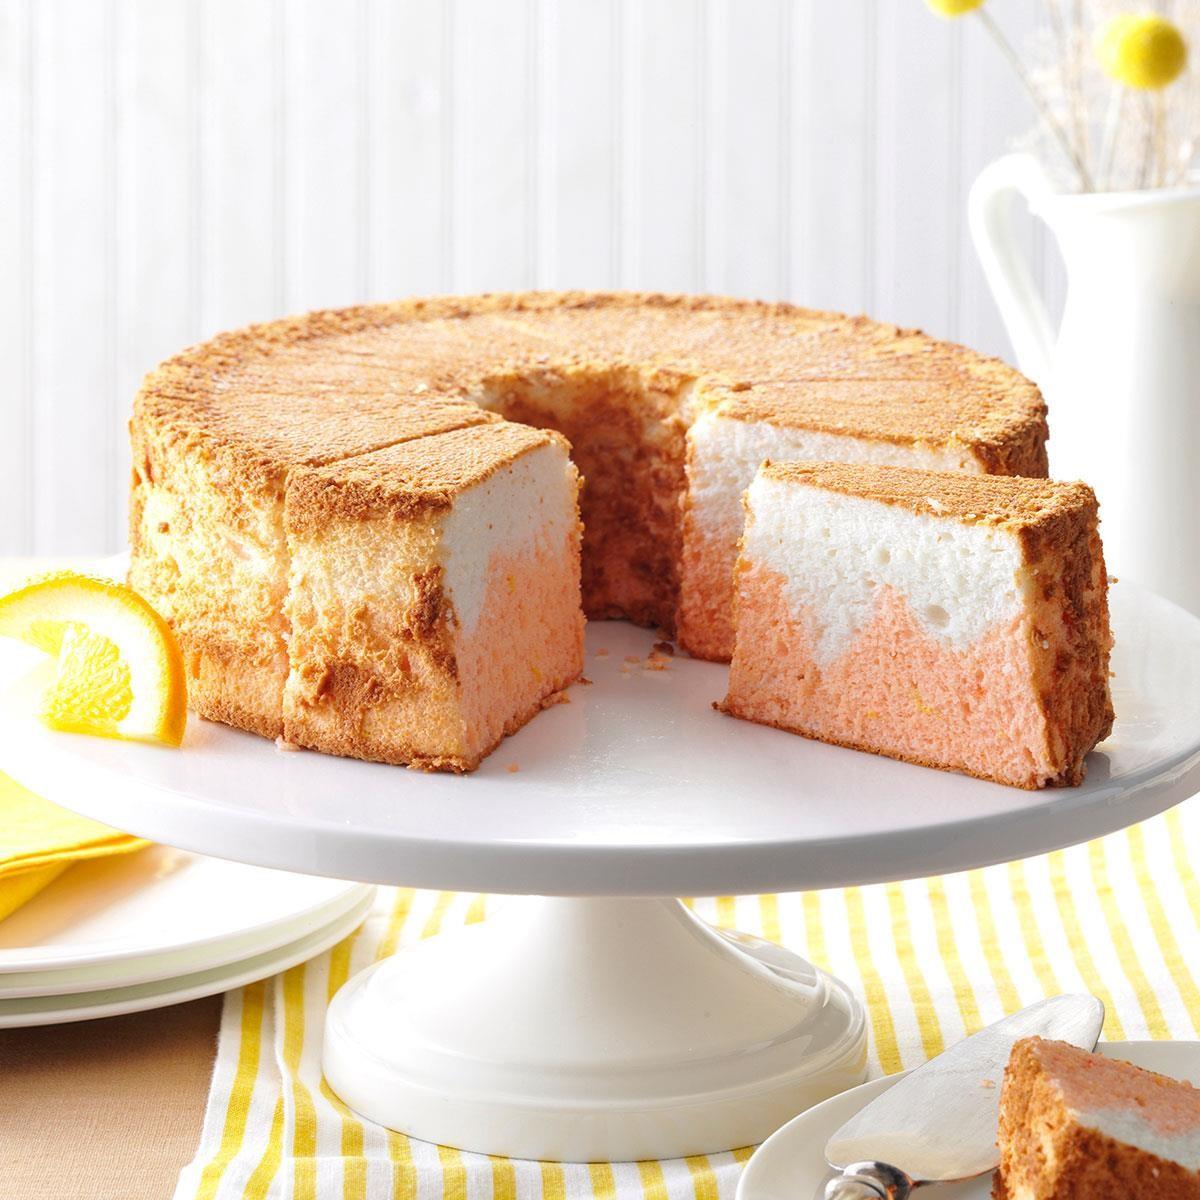 Angel Food Cake, US